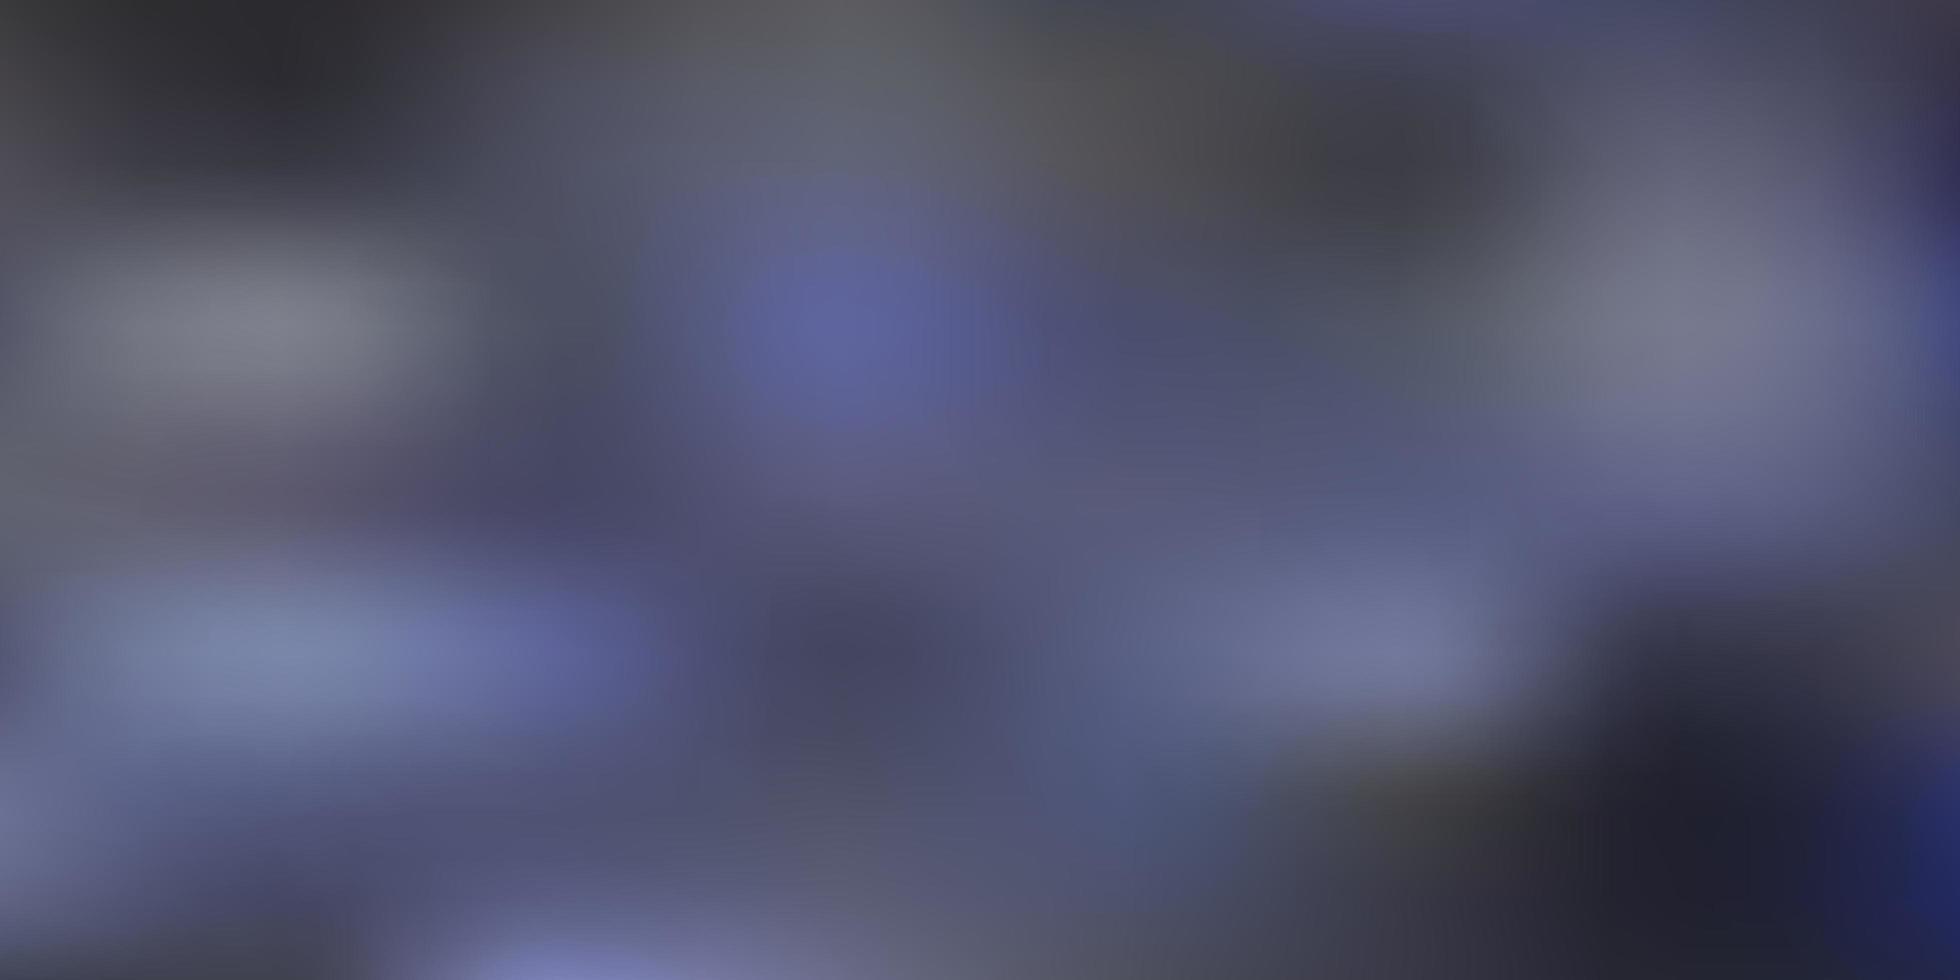 mörkblå vektor gradient oskärpa layout.